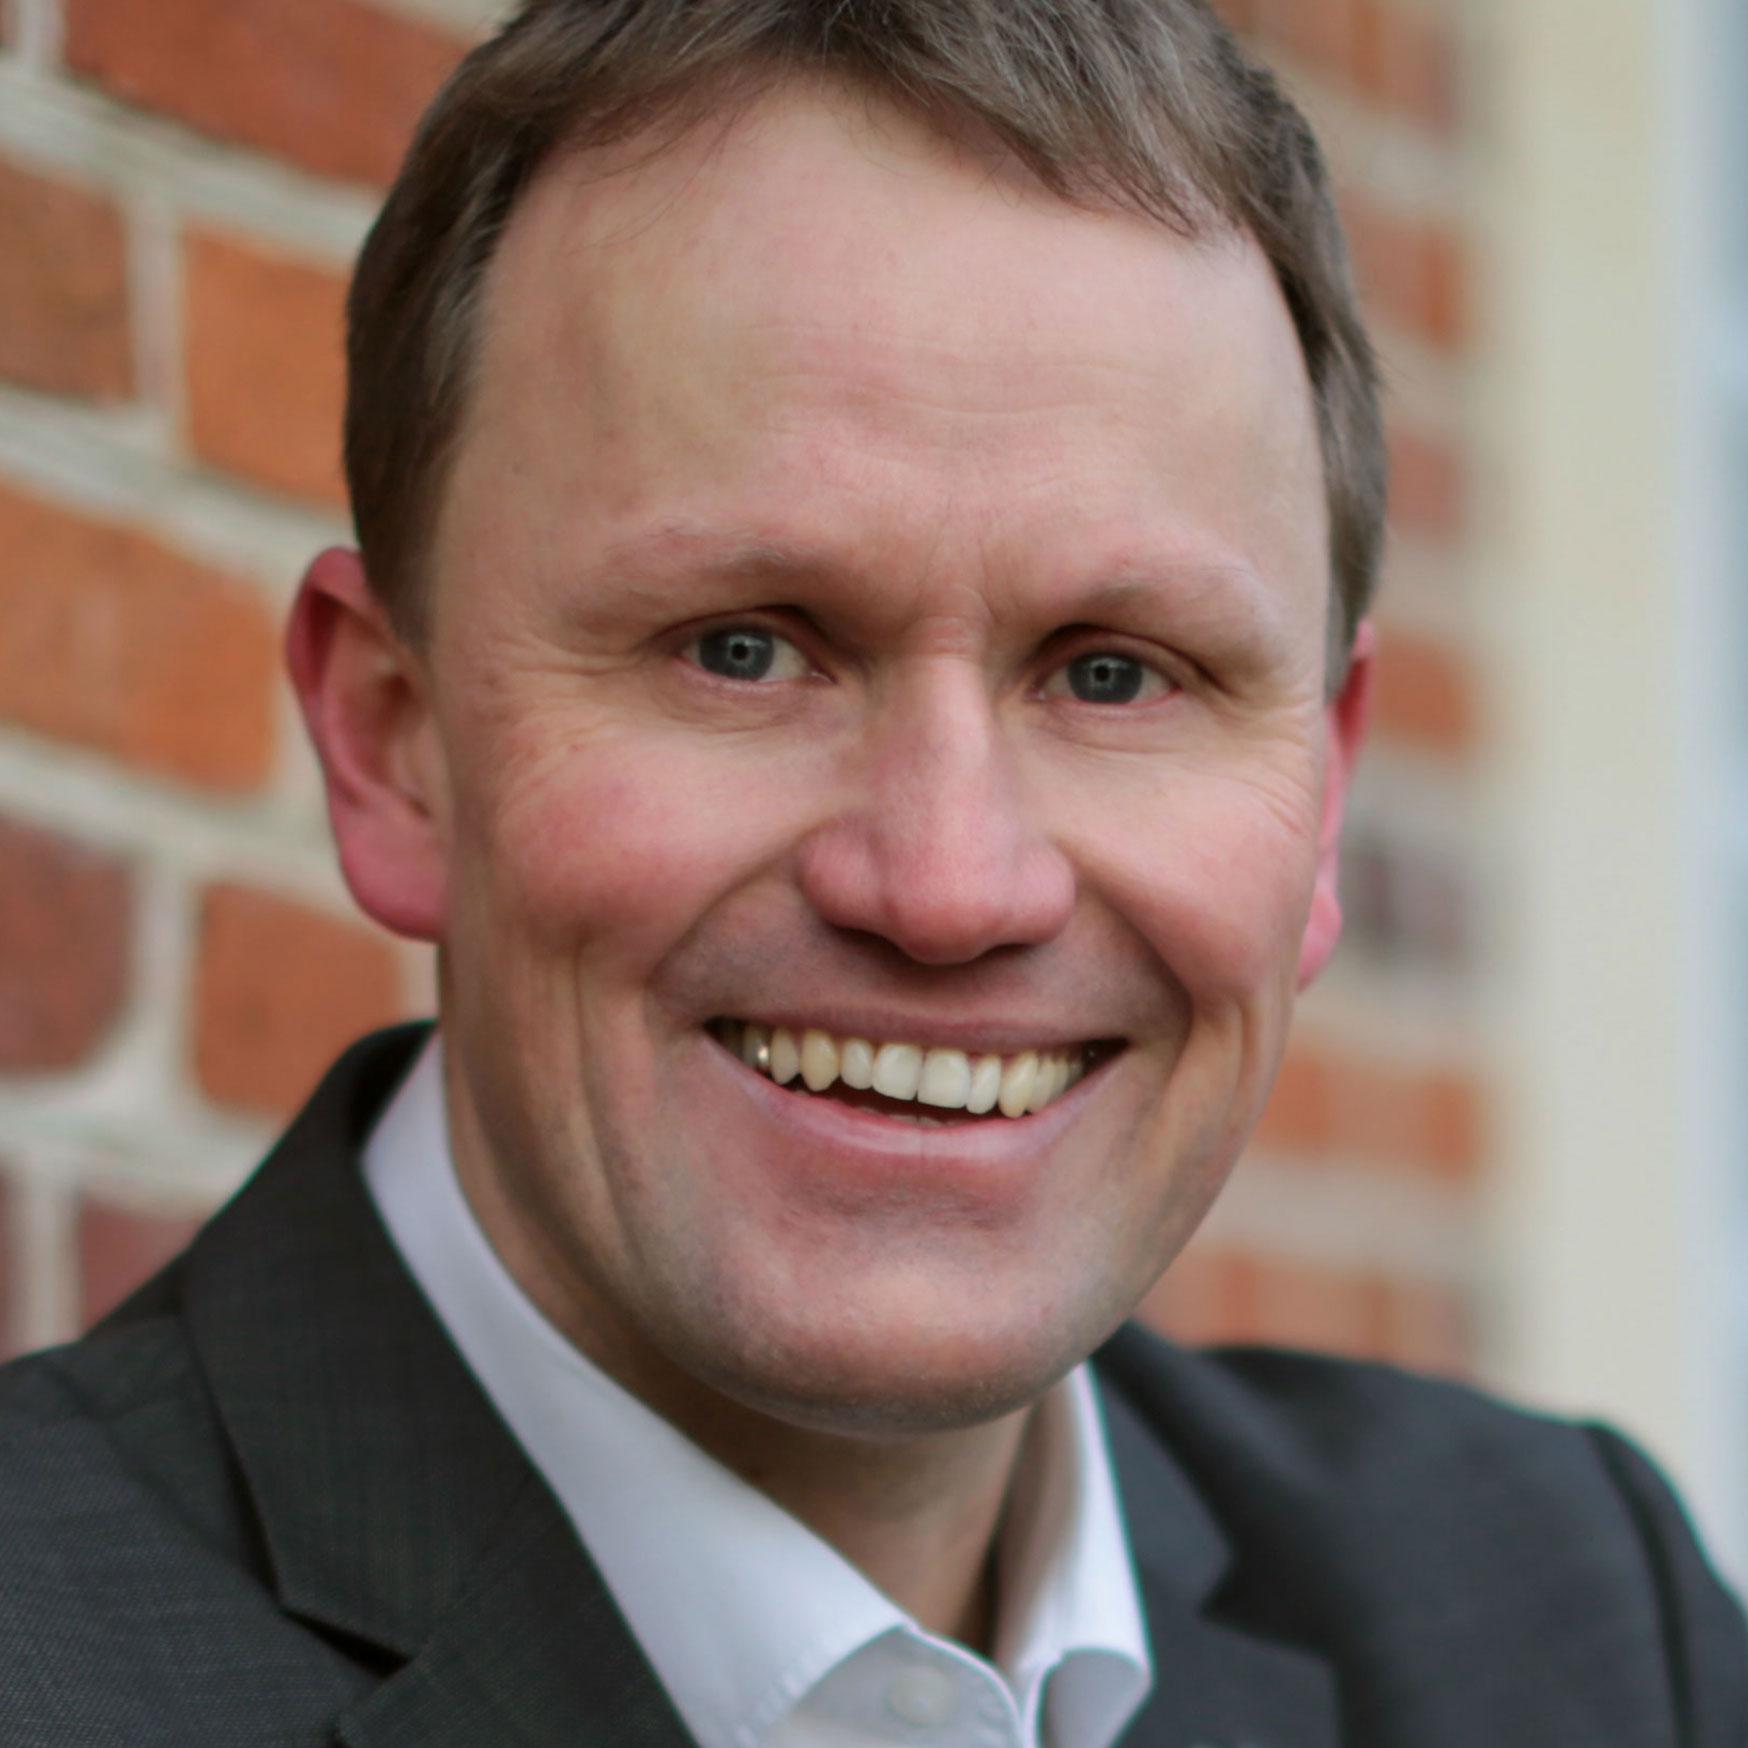 Jens Gieseke